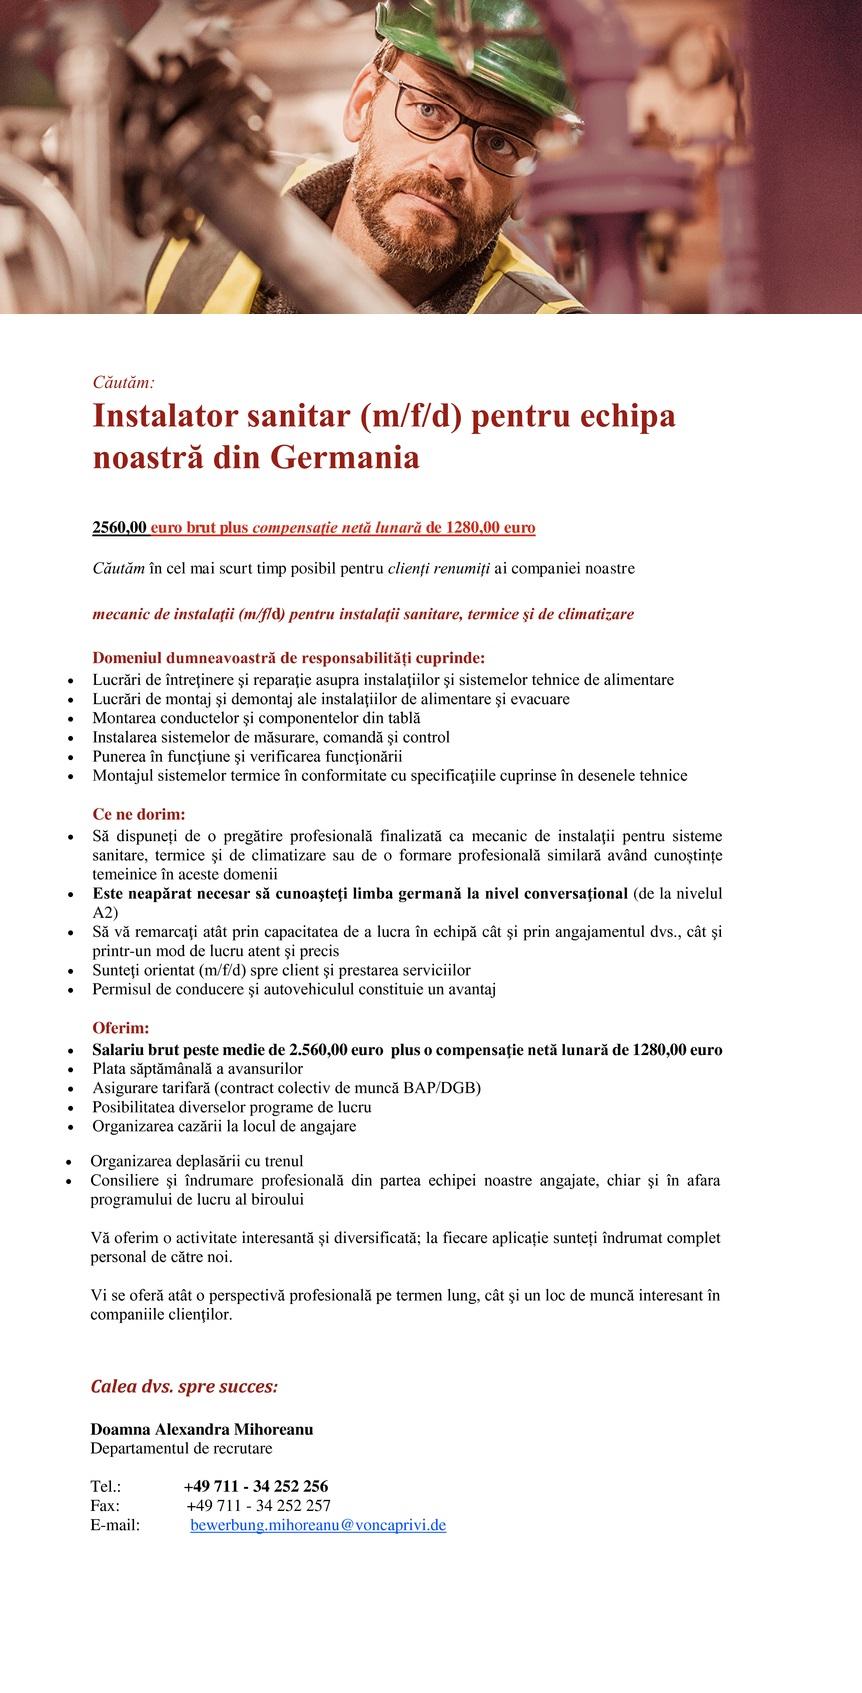 Căutăm: Mecanic de instalaţii (m/f) pentru echipa noastră din Germania | primă 2.000 € 2320,00 euro brut plus compensaţie Căutăm în cel mai scurt timp posibil pentru clienți renumiți ai companiei noastre mecanic de instalaţii (m/f) pentru instalaţii sanitare, termice şi de climatizare Domeniul dumneavoastră de responsabilități cuprinde:  Lucrări de întreţinere şi reparaţie asupra instalaţiilor şi sistemelor tehnice de alimentare  Lucrări de montaj şi demontaj ale instalaţiilor de alimentare şi evacuare  Montarea conductelor şi componentelor din tablă  Instalarea sistemelor de măsurare, comandă şi control  Punerea în funcţiune şi verificarea funcţionării  Montajul sistemelor termice în conformitate cu specificaţiile cuprinse în desenele tehnice Ce ne dorim:  Să dispuneți de o pregătire profesională finalizată ca mecanic de instalaţii pentru sisteme sanitare, termice şi de climatizare sau de o formare profesională similară având cunoștințe temeinice în aceste domenii  Este neapărat necesar să cunoaşteţi limba germană la nivel conversaţional (de la nivelul A2)  Să vă remarcaţi atât prin capacitatea de a lucra în echipă cât şi prin angajamentul dvs., cât şi printr-un mod de lucru atent şi precis  Sunteţi orientat(ă) spre client şi prestarea serviciilor  Permisul de conducere şi autovehiculul constituie un avantaj Oferim:  Salariu brut peste medie de 2.320,00 euro plus o compensaţie netă lunară de 992,00 euro  Plata săptămânală a avansurilor  Asigurare tarifară (contract colectiv de muncă BAP/DGB)  Posibilitatea diverselor programe de lucru  Organizarea cazării la locul de angajare  Organizarea deplasării cu trenul  Consiliere şi îndrumare profesională din partea echipei noastre angajate, chiar şi în afara programului de lucru al biroului Vă oferim o activitate interesantă și diversificată; la fiecare aplicație sunteți îndrumat complet personal de către noi. Vi se oferă atât o perspectivă profesională pe termen lung, cât şi un loc de muncă interesant în companiile clienţ